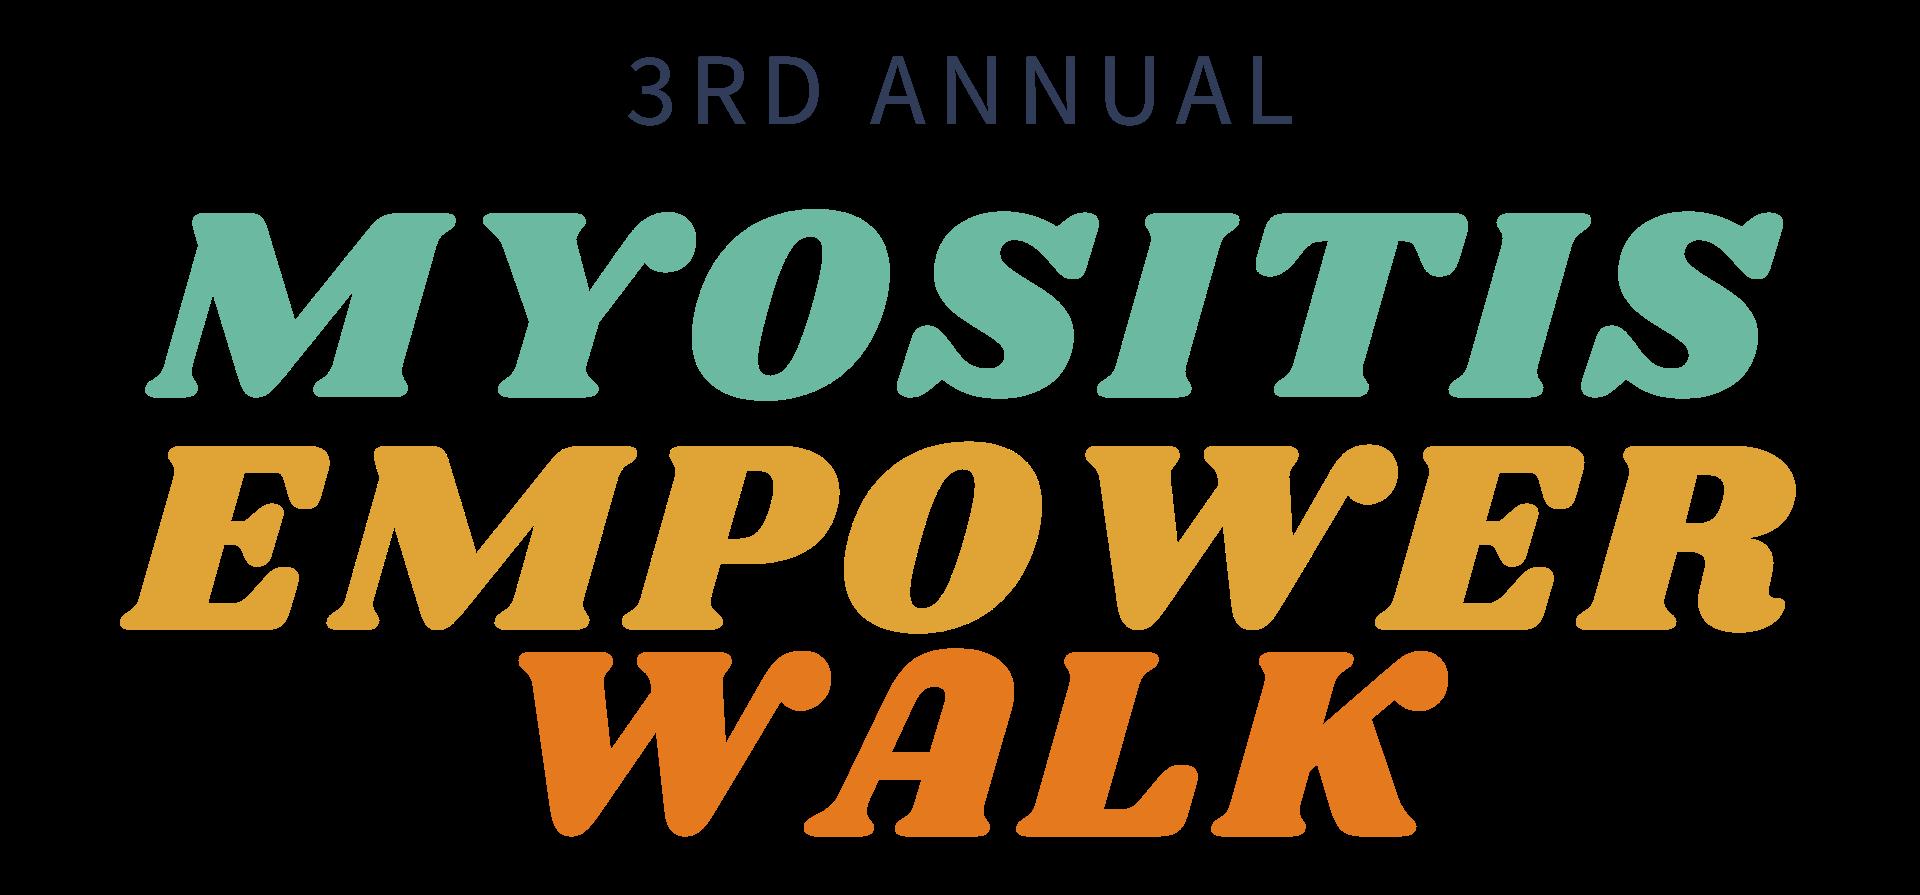 3rd Annual Myositis Empower Walk